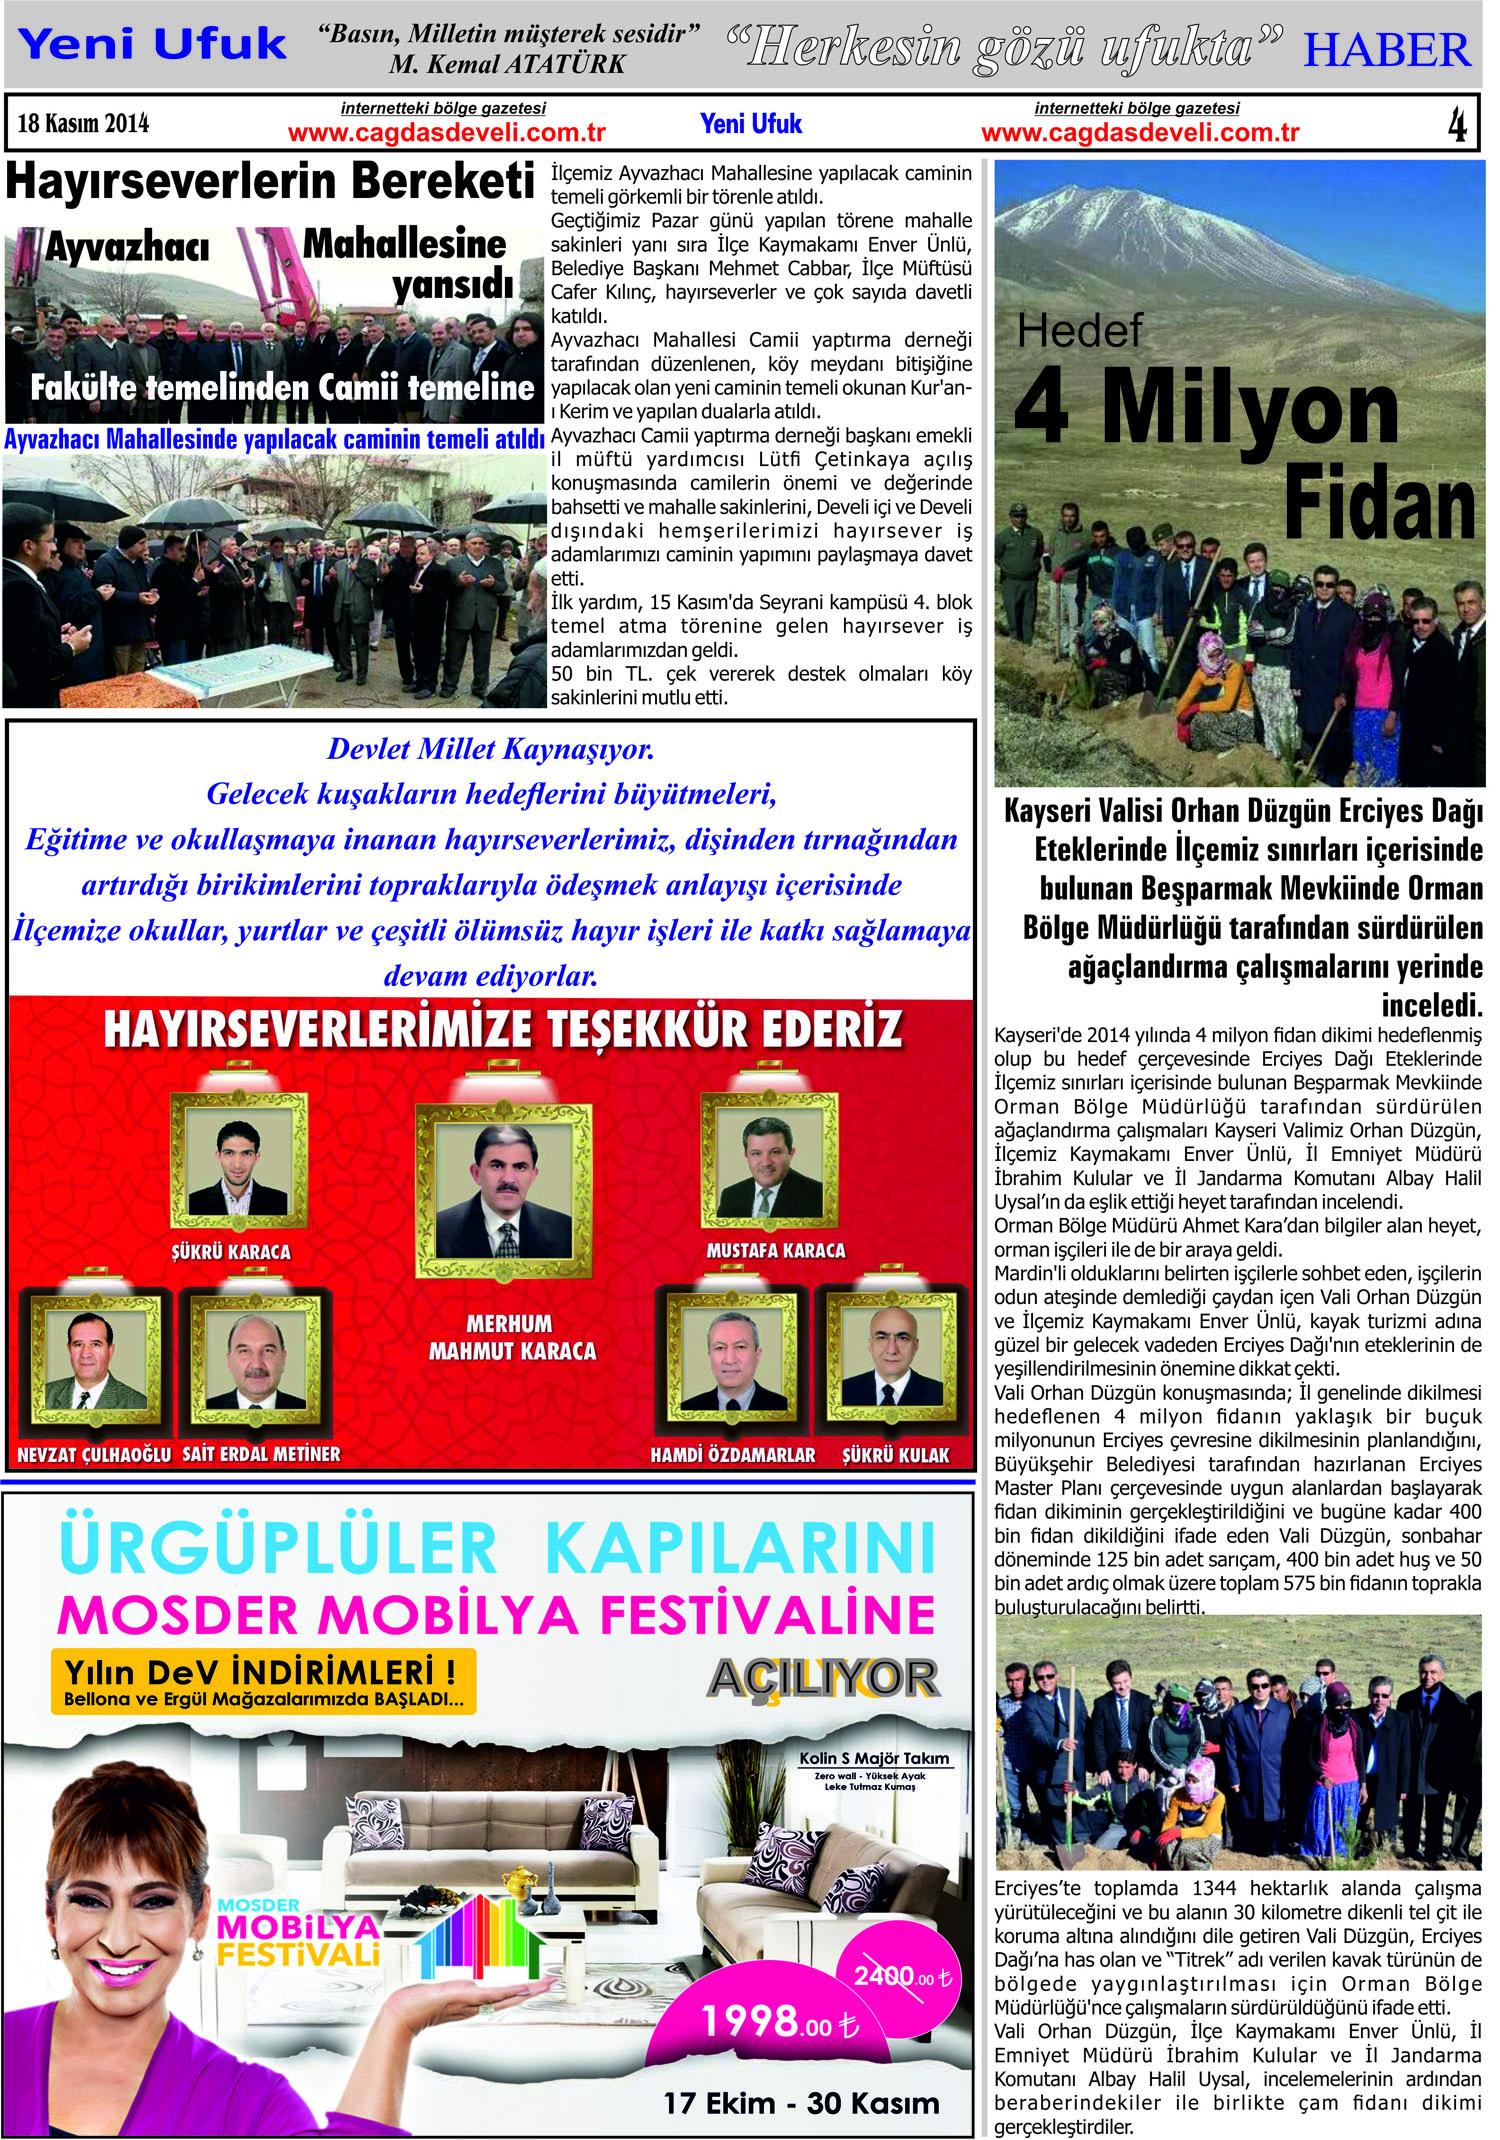 Yeni Ufuk Bölge Gazetesi 18 Kasım 2014 4. sayfa